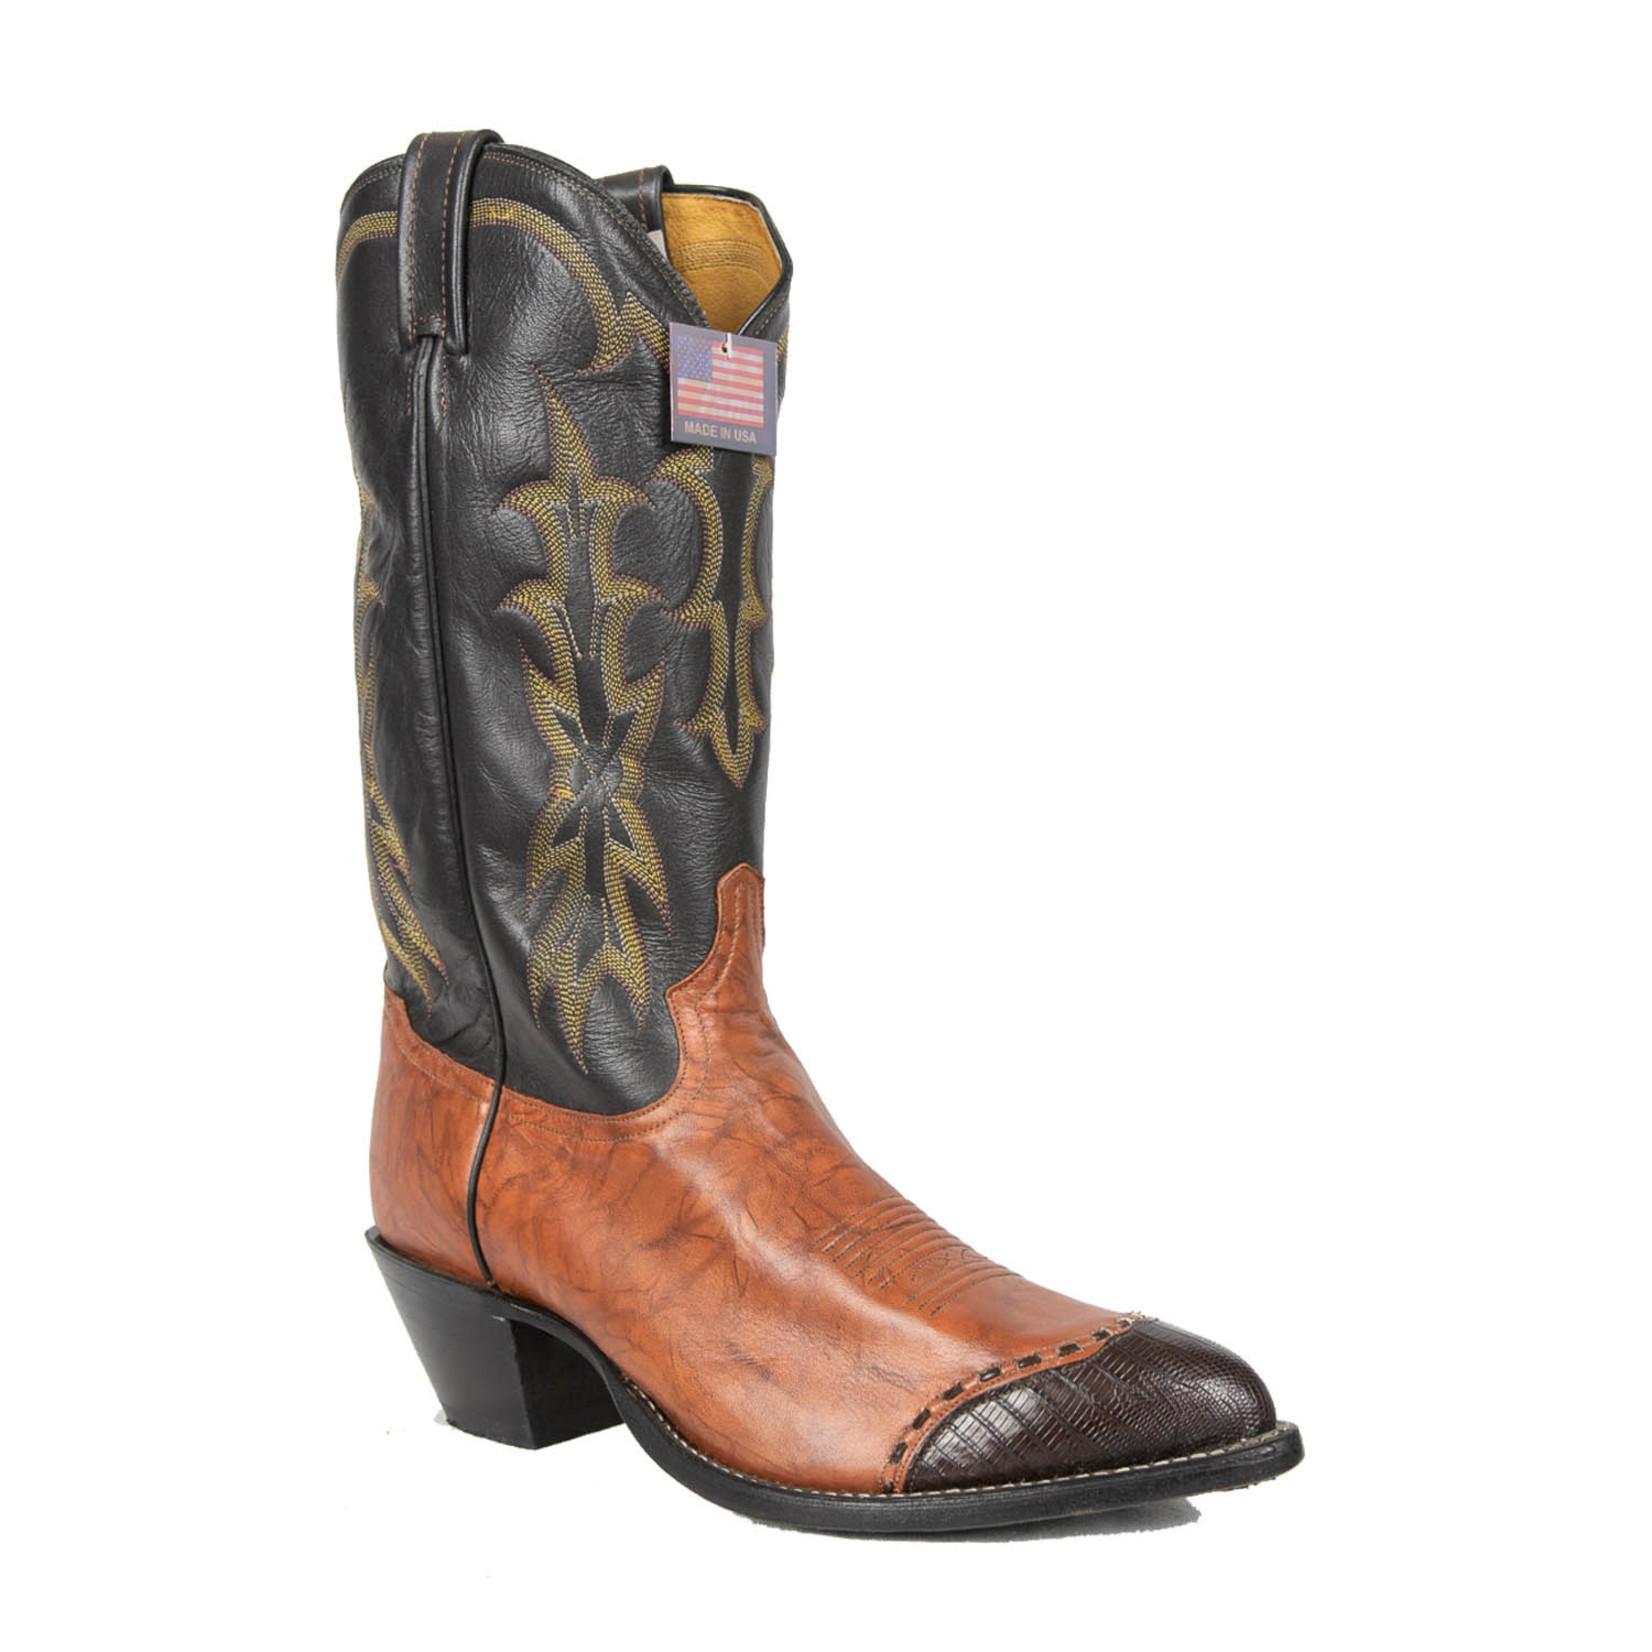 Tony Lama Tony Lama Men's Cowboy Boot 6951 2E